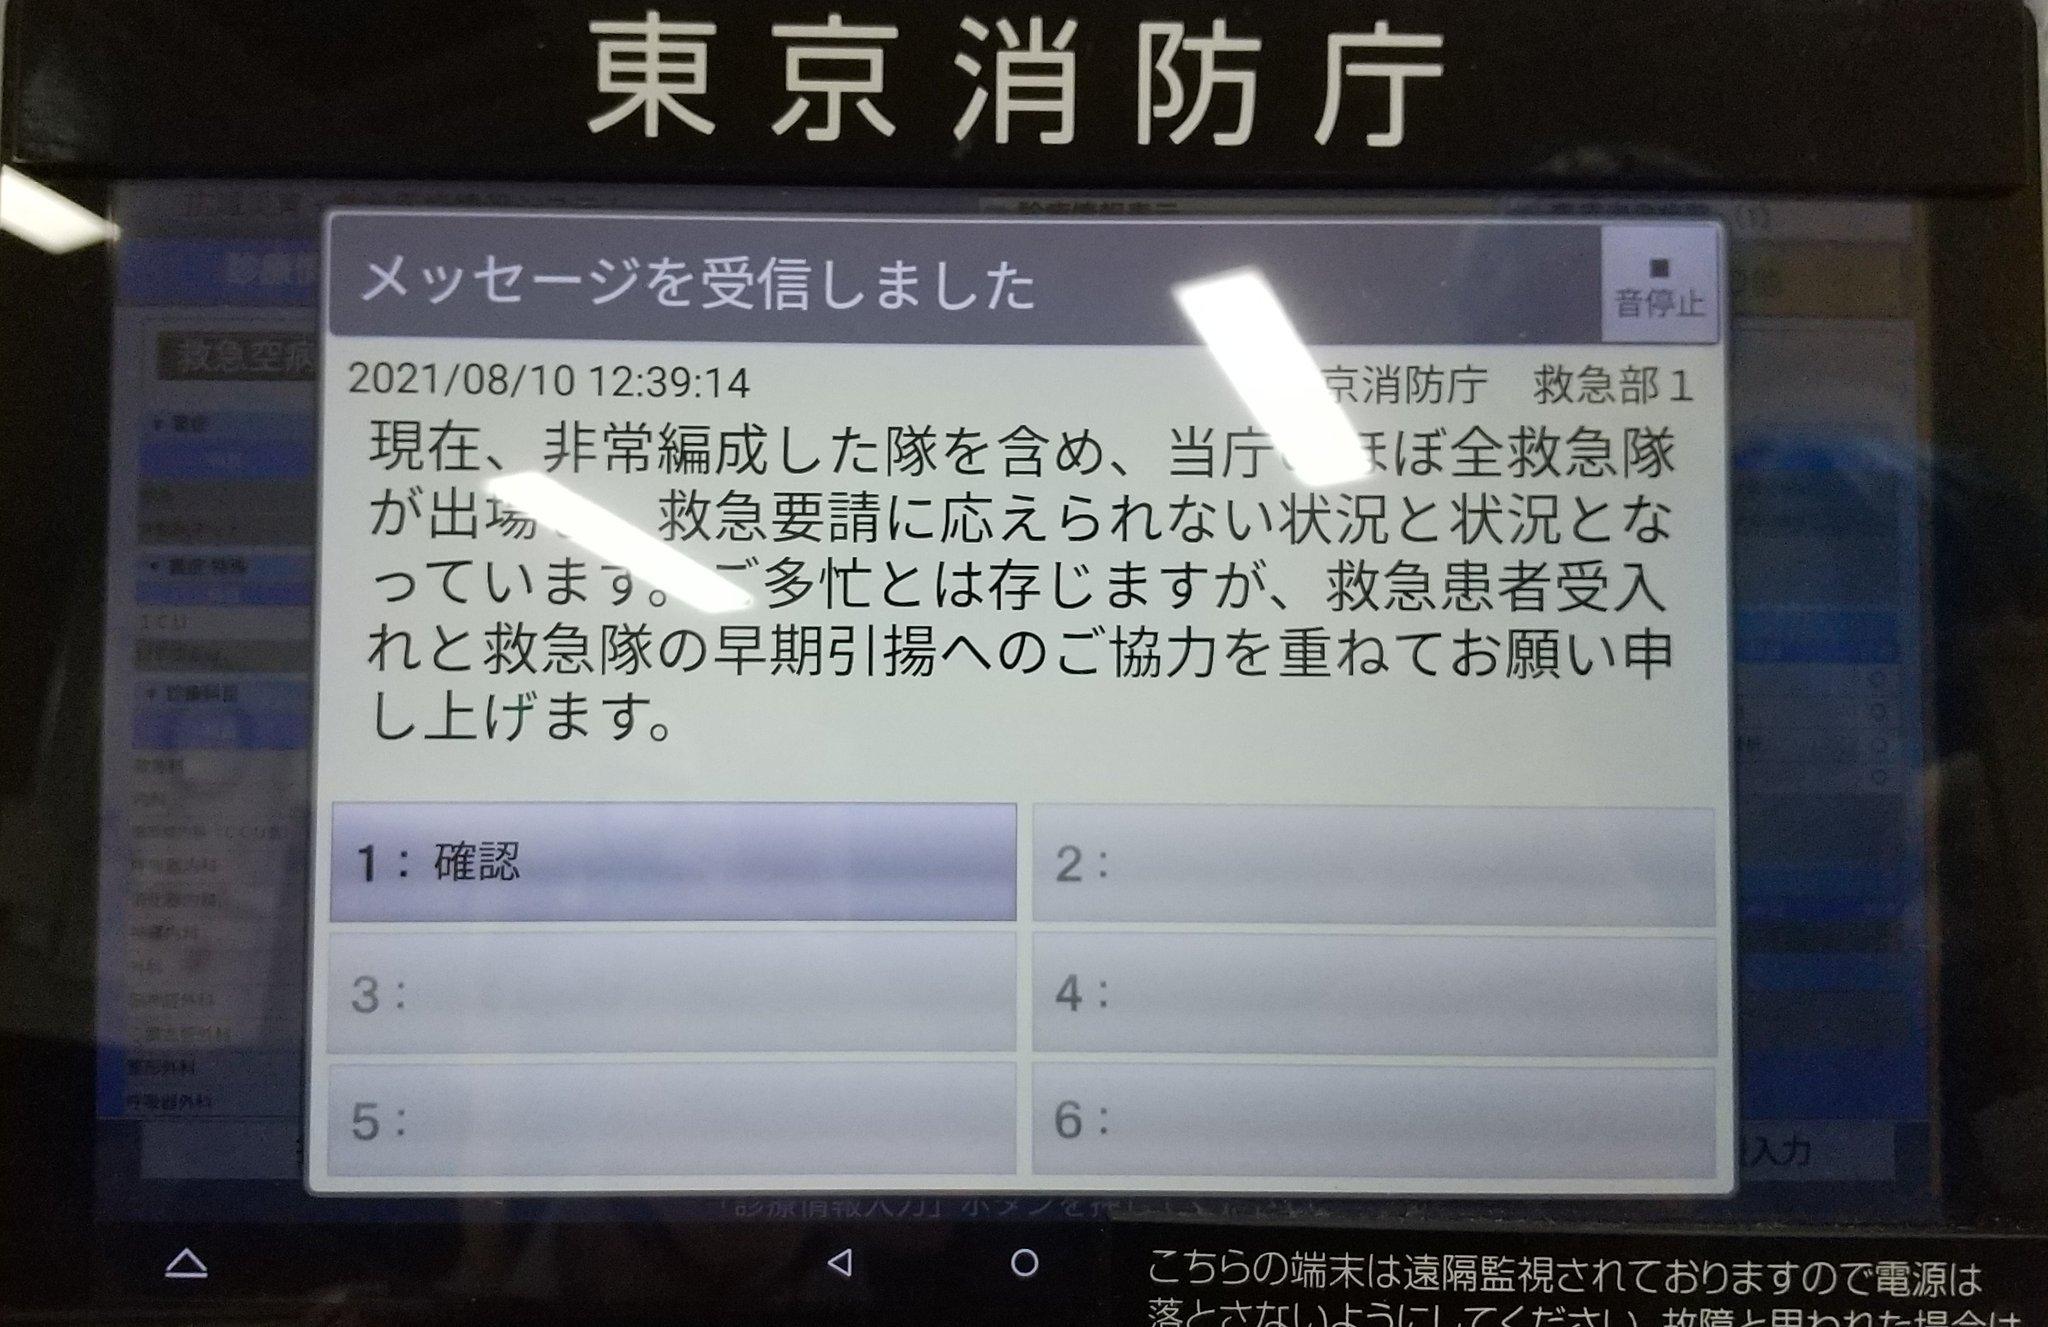 【コロナウイルス】東京の入院3500人超で最多 受け入れ先なく埼玉への搬送も